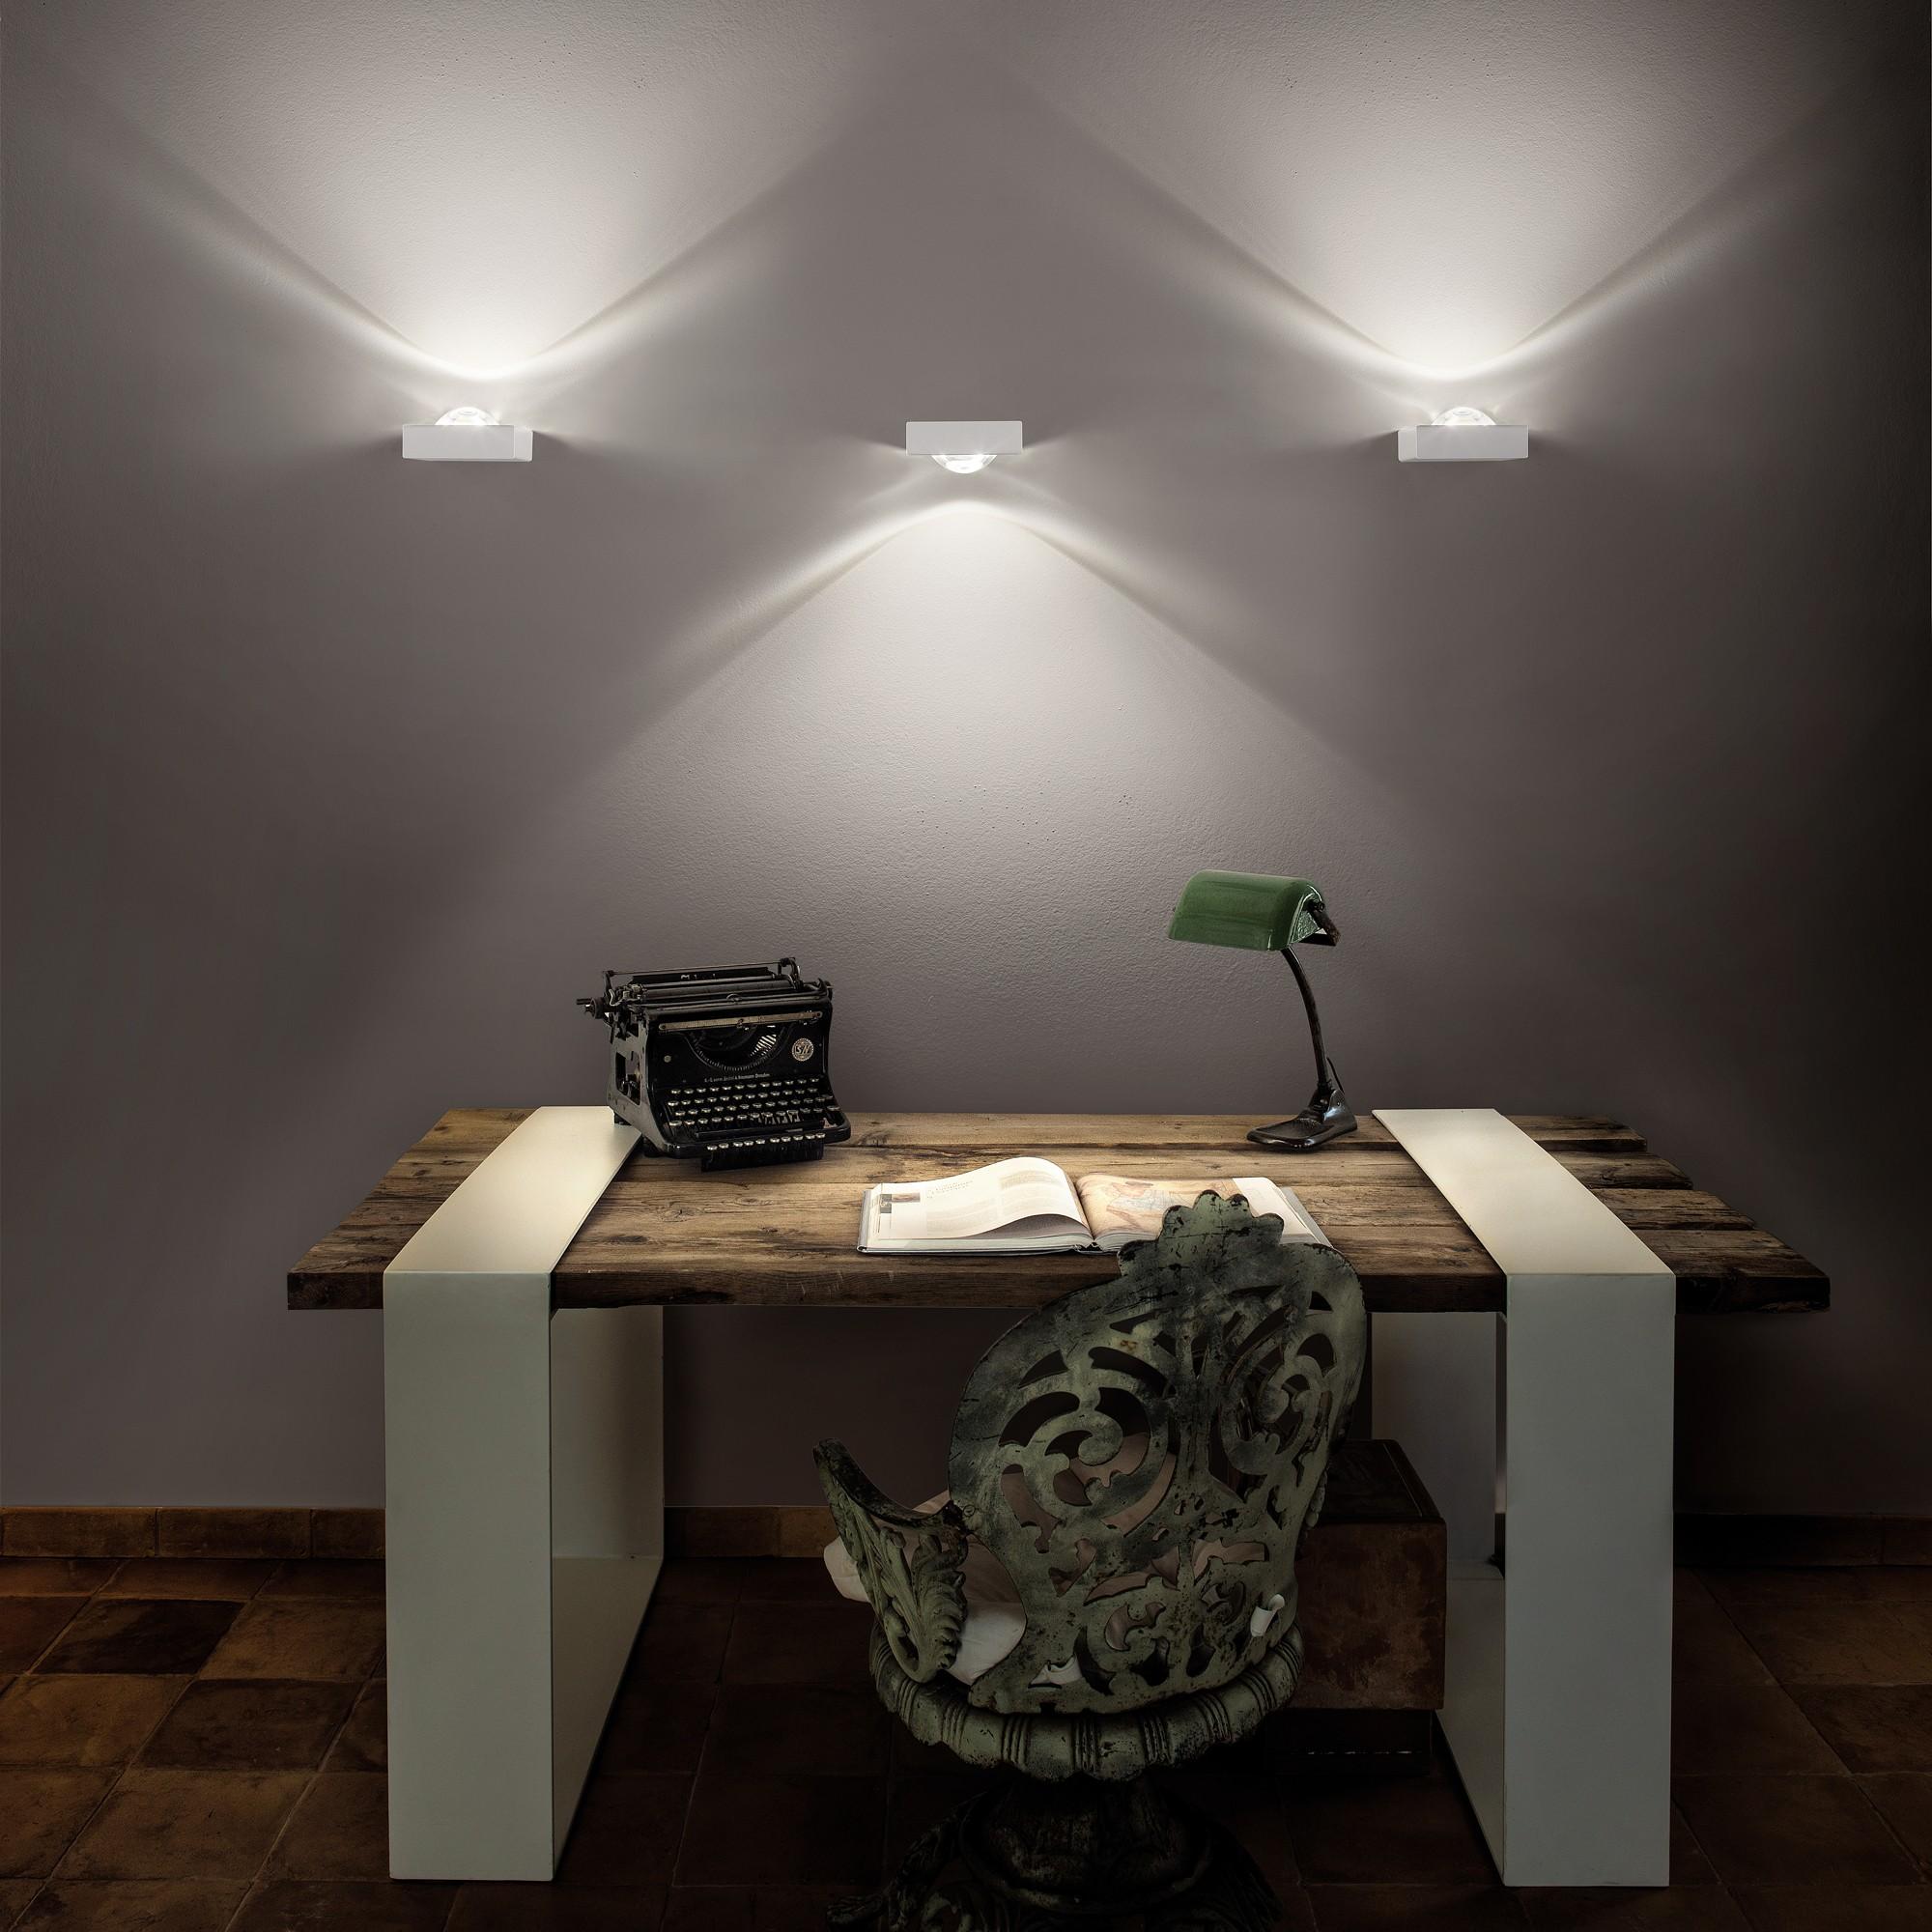 Applique luminaire awesome applique murale salon vintage for Luminaire applique chambre